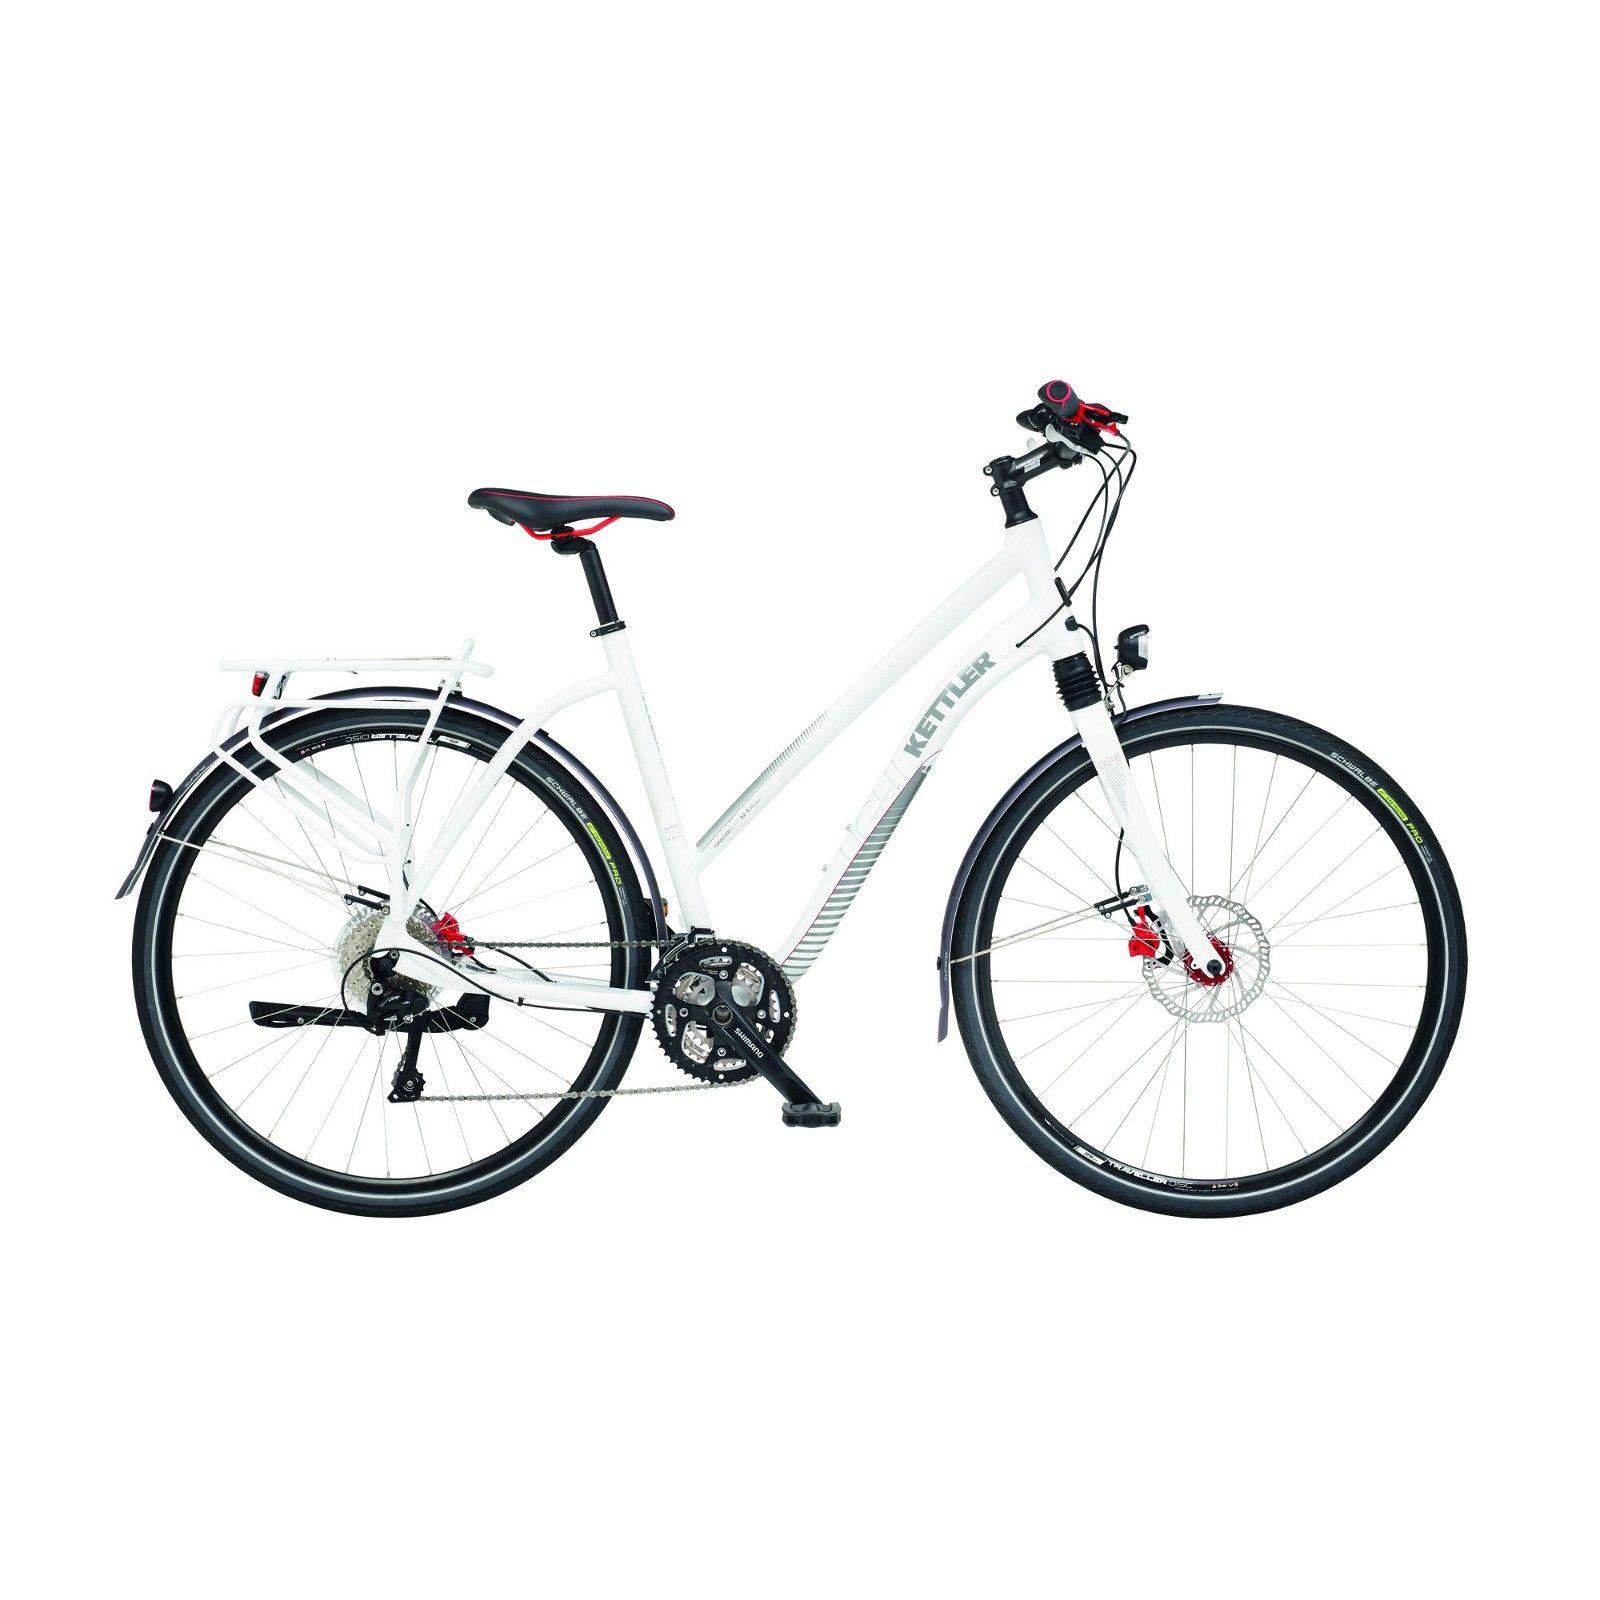 Kettler Fahrrad Trekking Traveller 12 4 Light Trapez 28 Zoll Kettler Fahrrad Fahrrad Kinderfahrrad